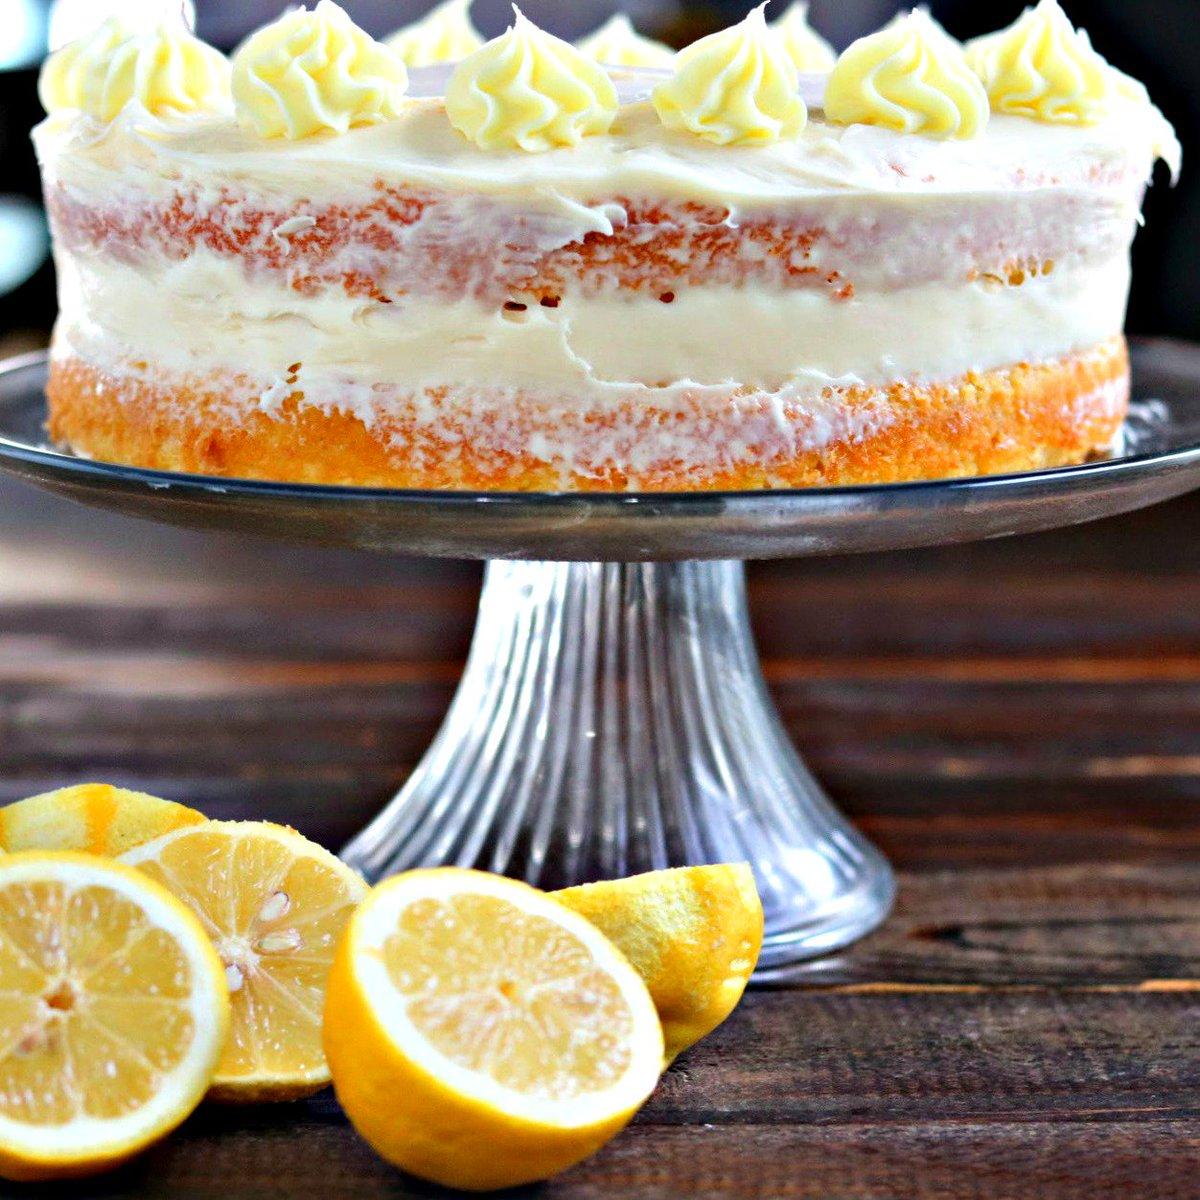 Naked Lemon Sour Cream Cake - so fun! #lemon #cake #recipe #homemade #kyleecooks  http:// bit.ly/2q3jVRh  &nbsp;  <br>http://pic.twitter.com/OcPdz72GeQ